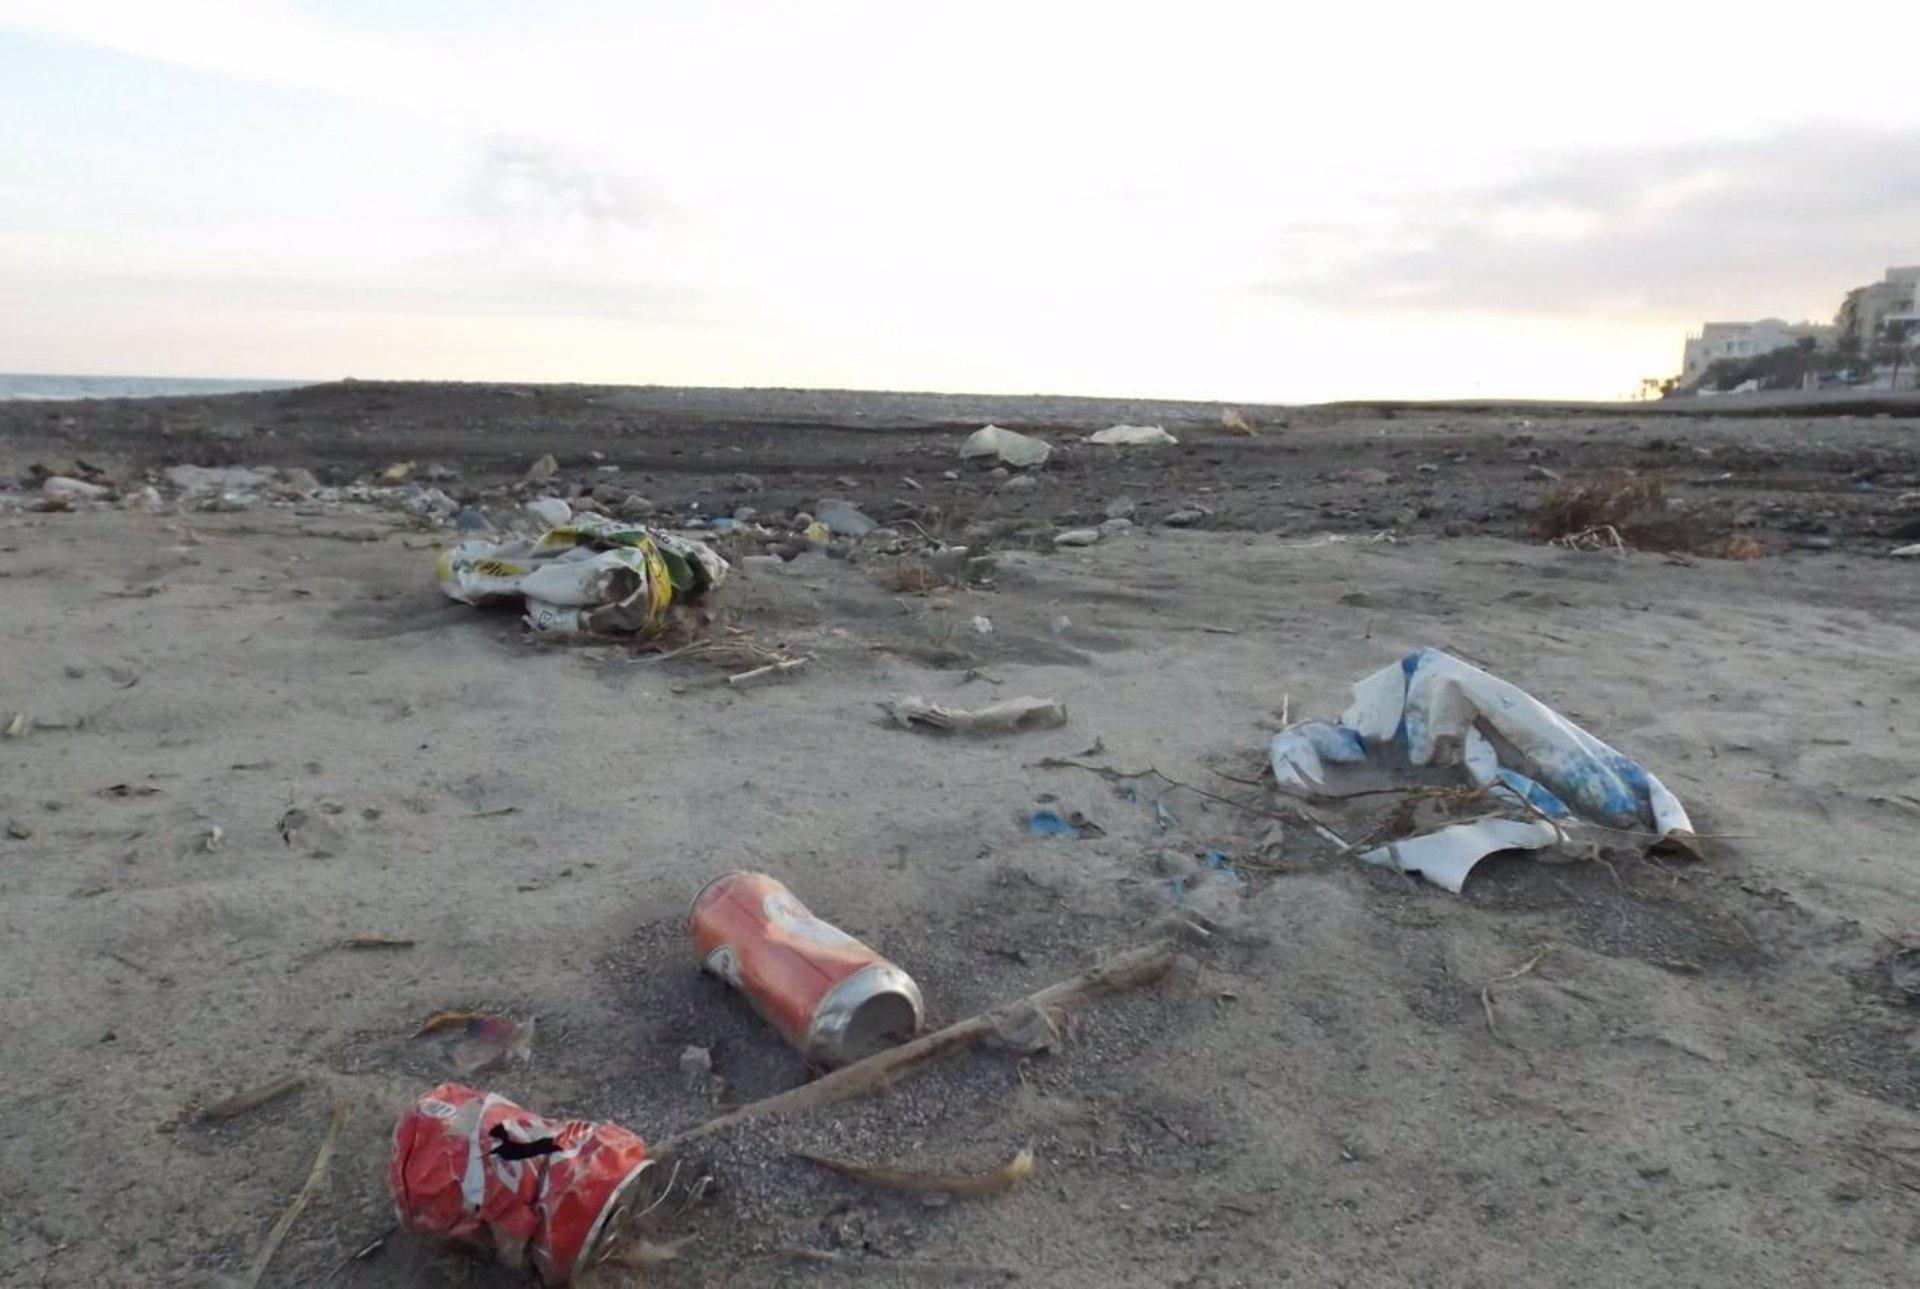 Ecologistas en Acción defiende una «economía menos plastificada» y «penalizar directamente el envase de usar y tirar»